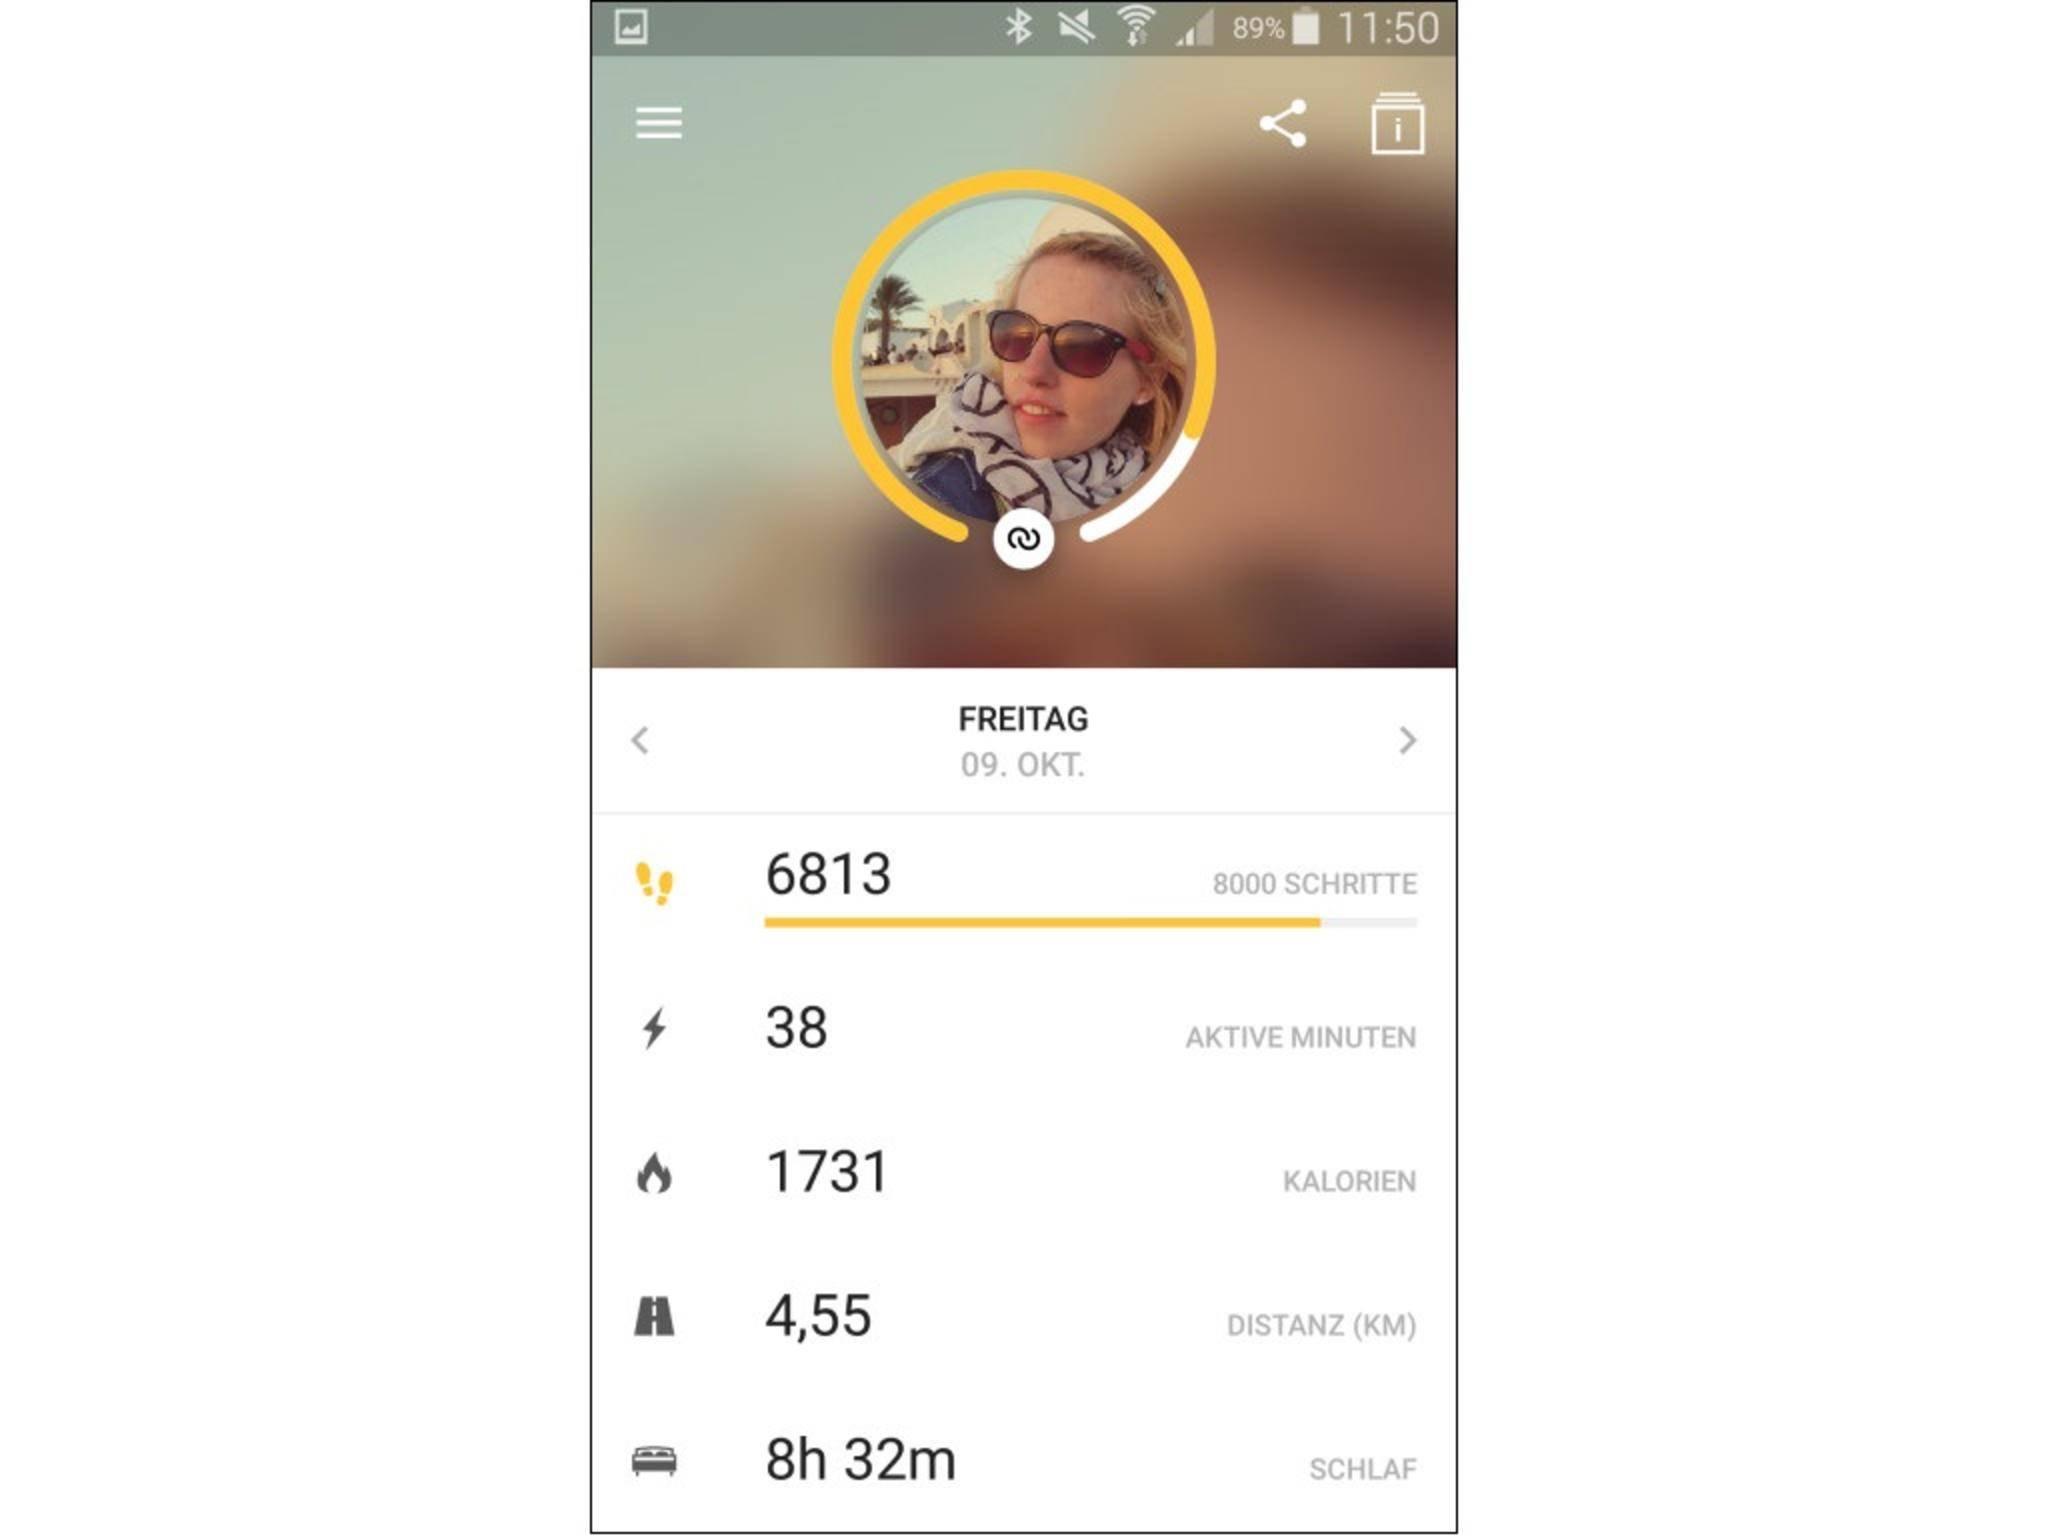 Nach dem Start der Runtastic Me-App synchronisieren sich Handy und Uhr.